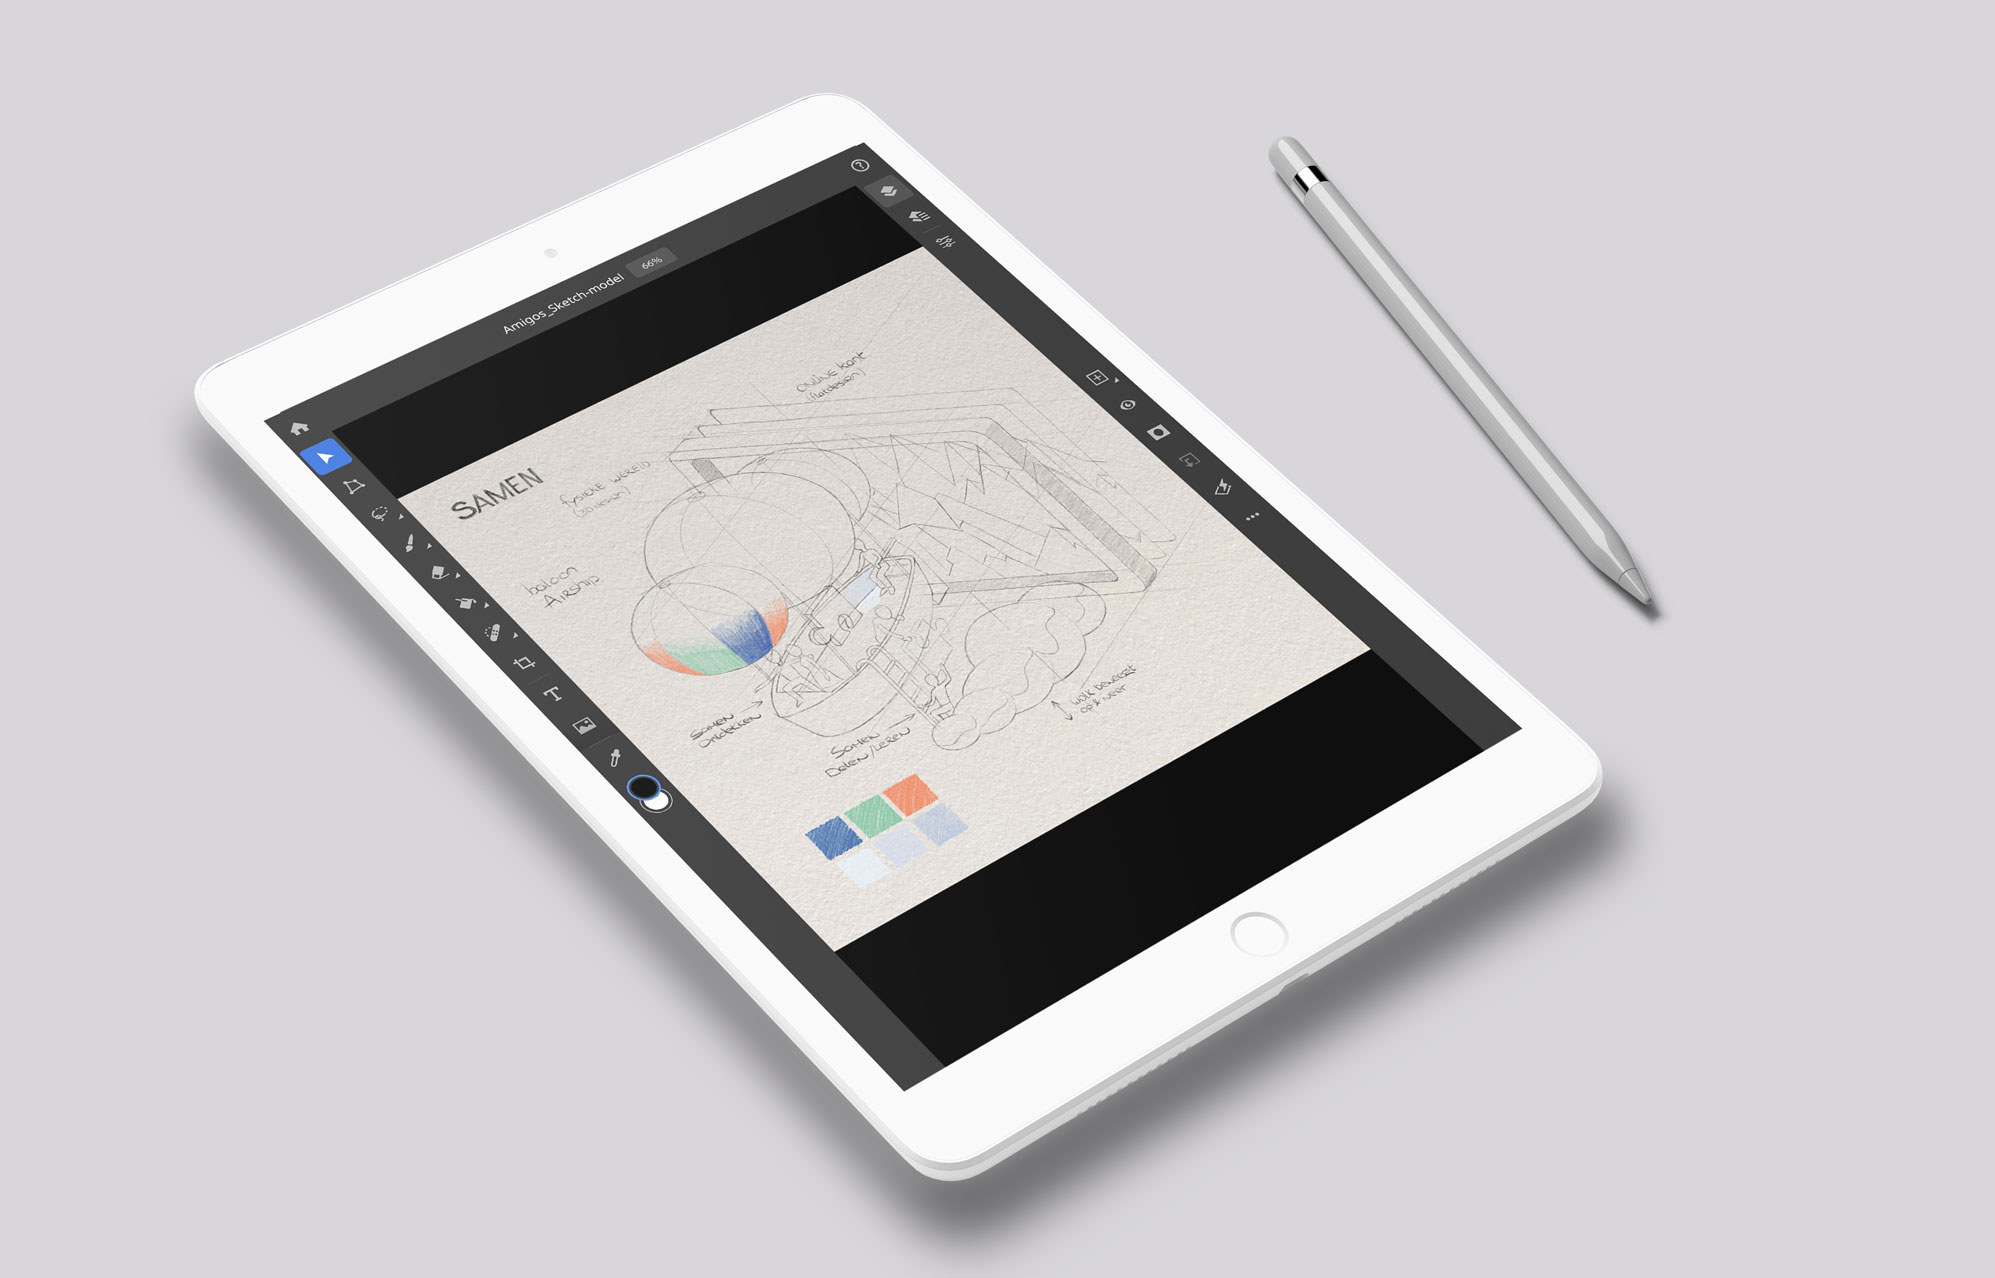 Ipad-pro_Sketch_Amigos02